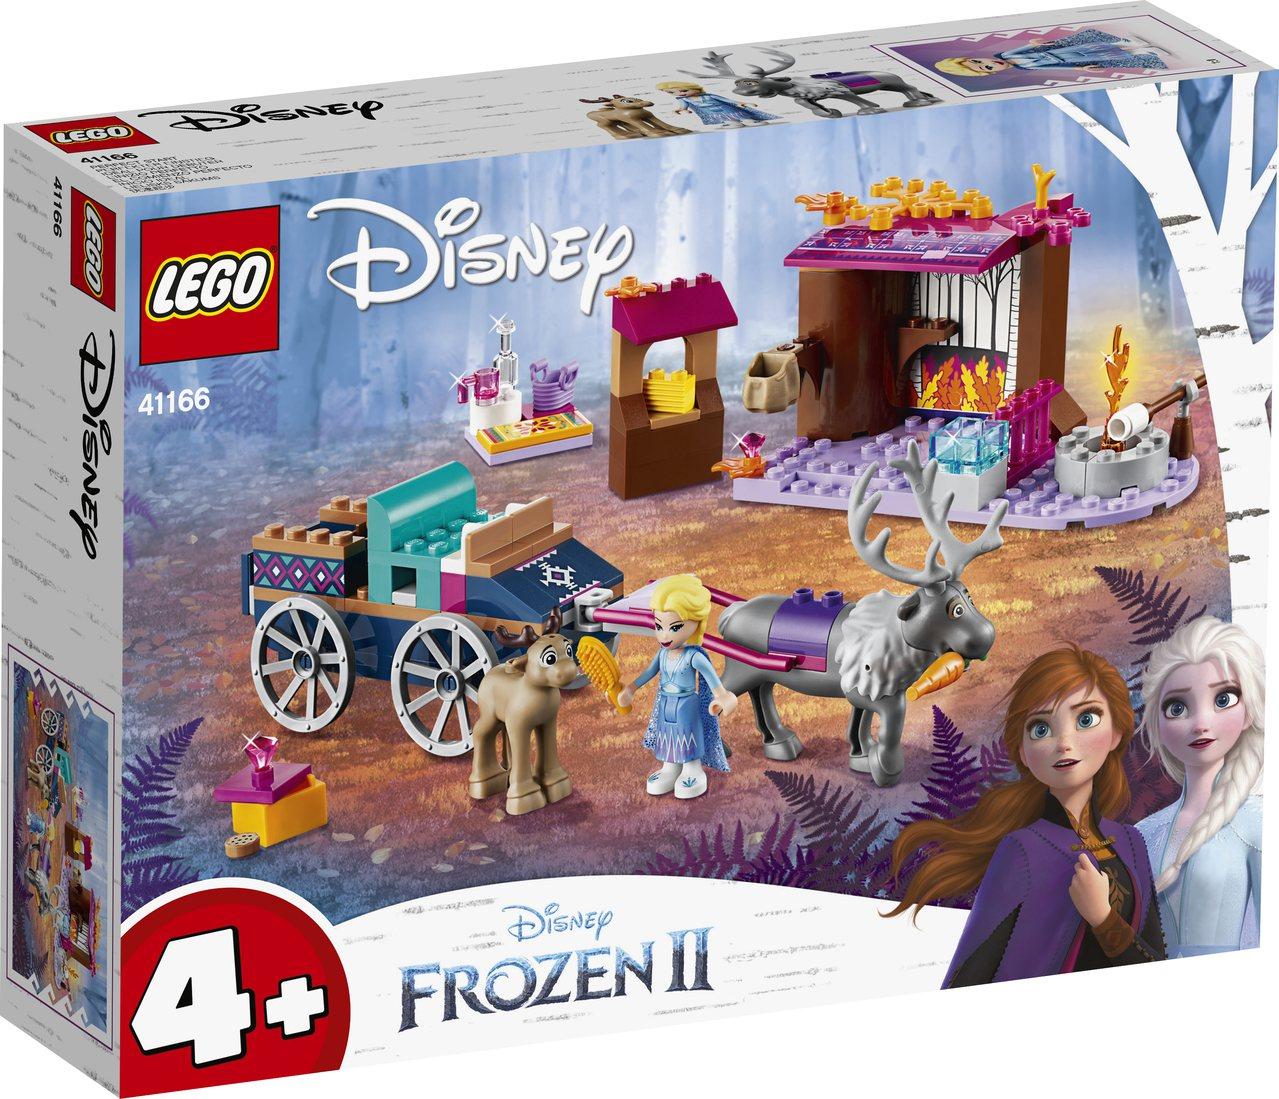 LEGO樂高推出《冰雪奇緣2》系列共6款盒組。圖/樂高提供